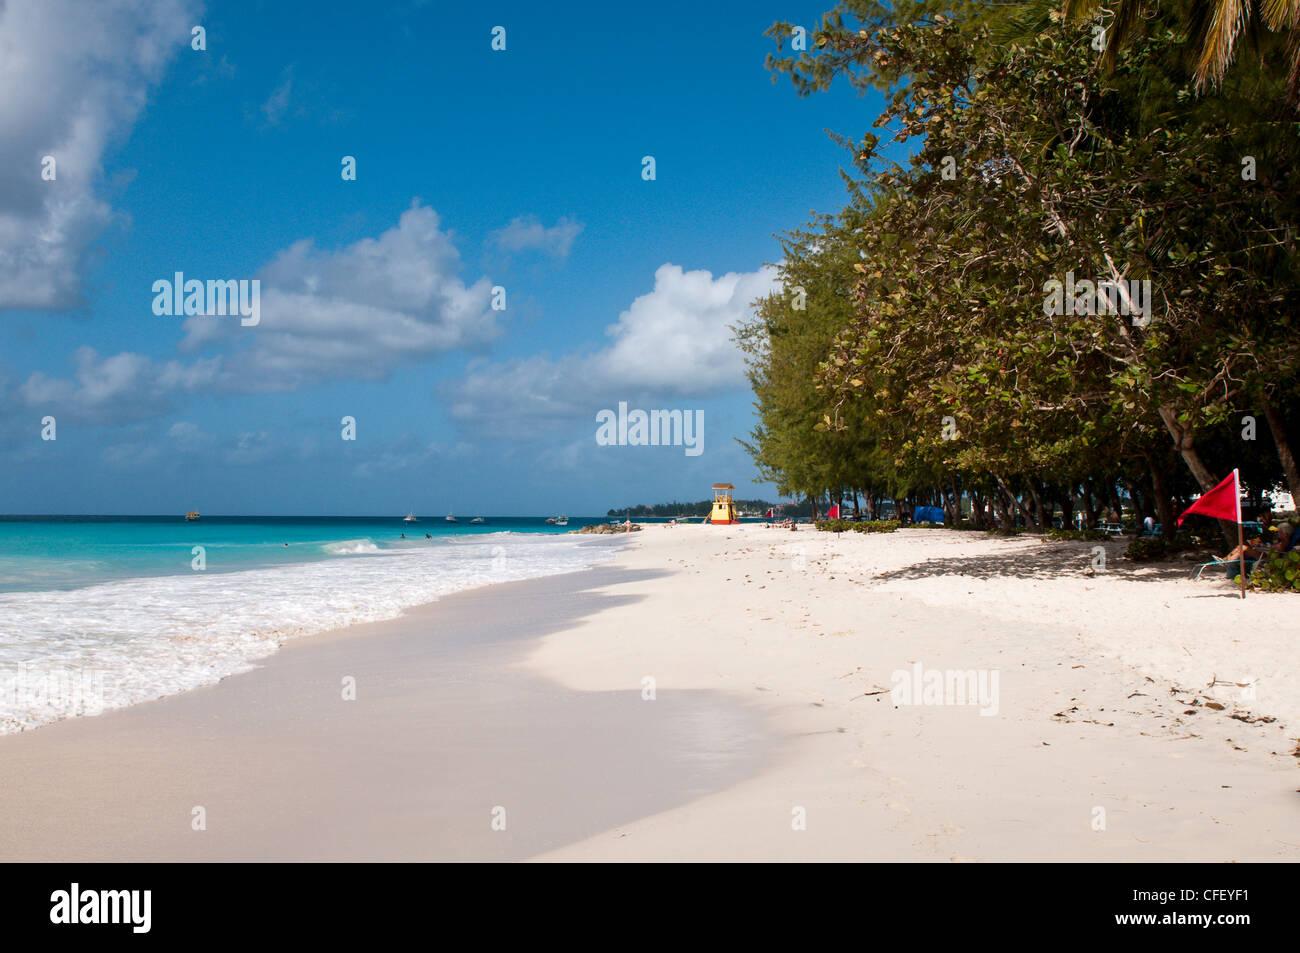 Miami Beach, la Barbade, îles du Vent, Antilles, Caraïbes, Amérique Centrale Photo Stock